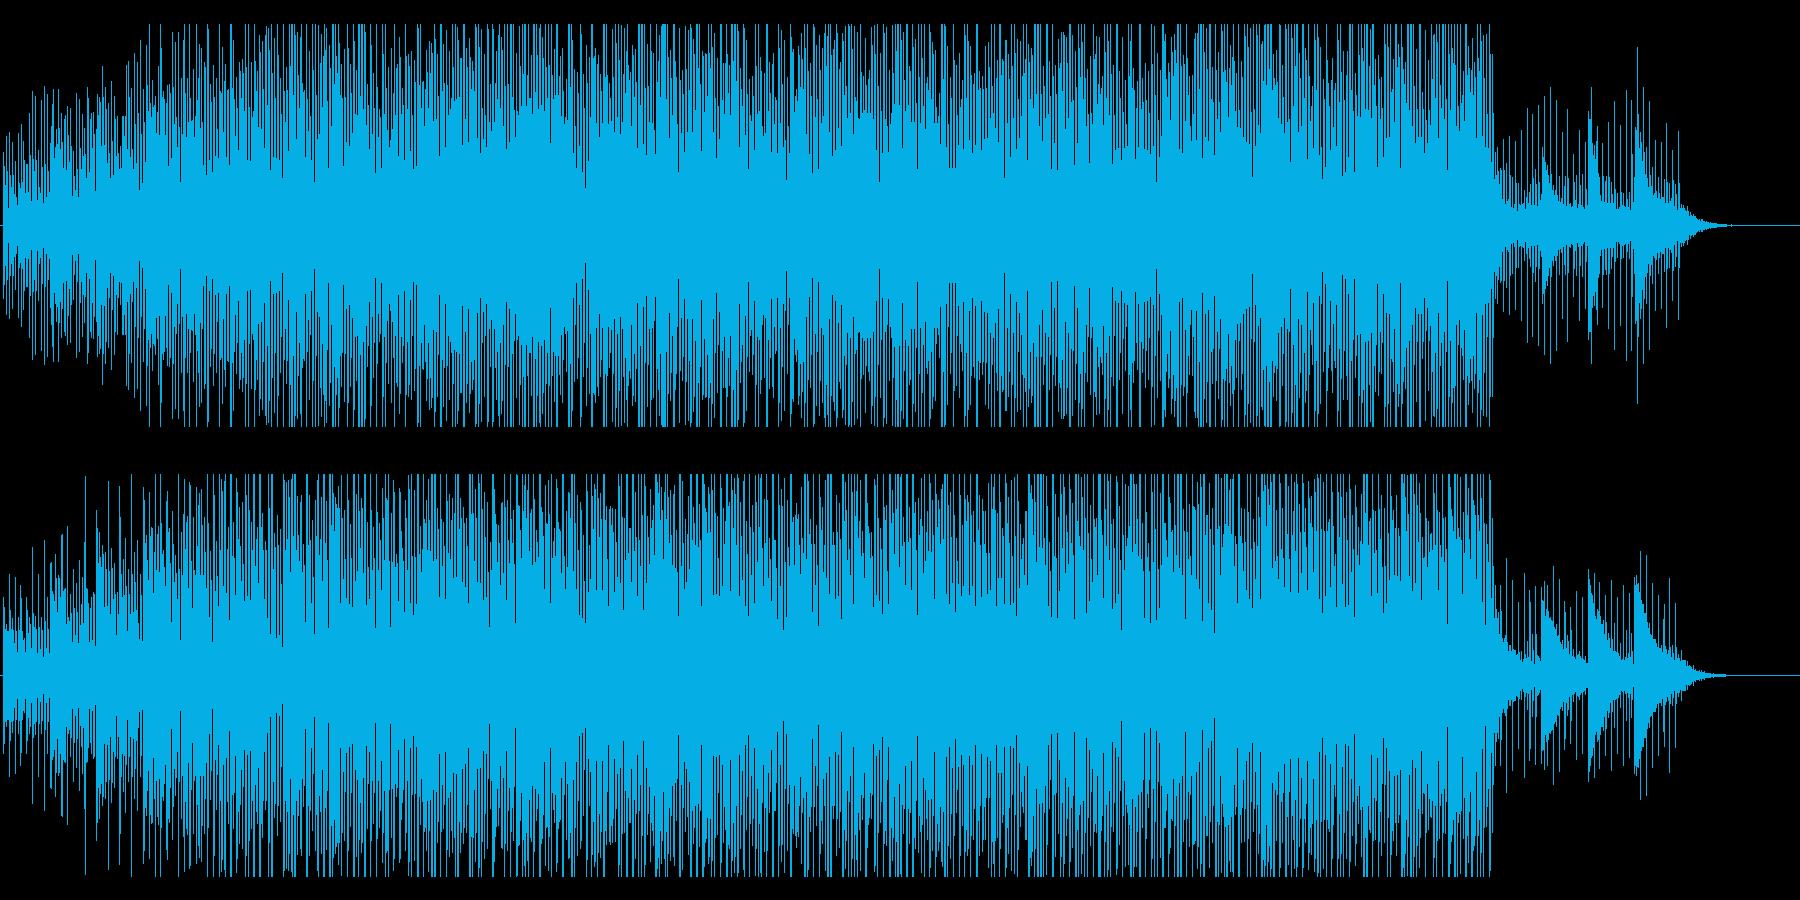 電子機器などのテクノロジー系映像に合うの再生済みの波形